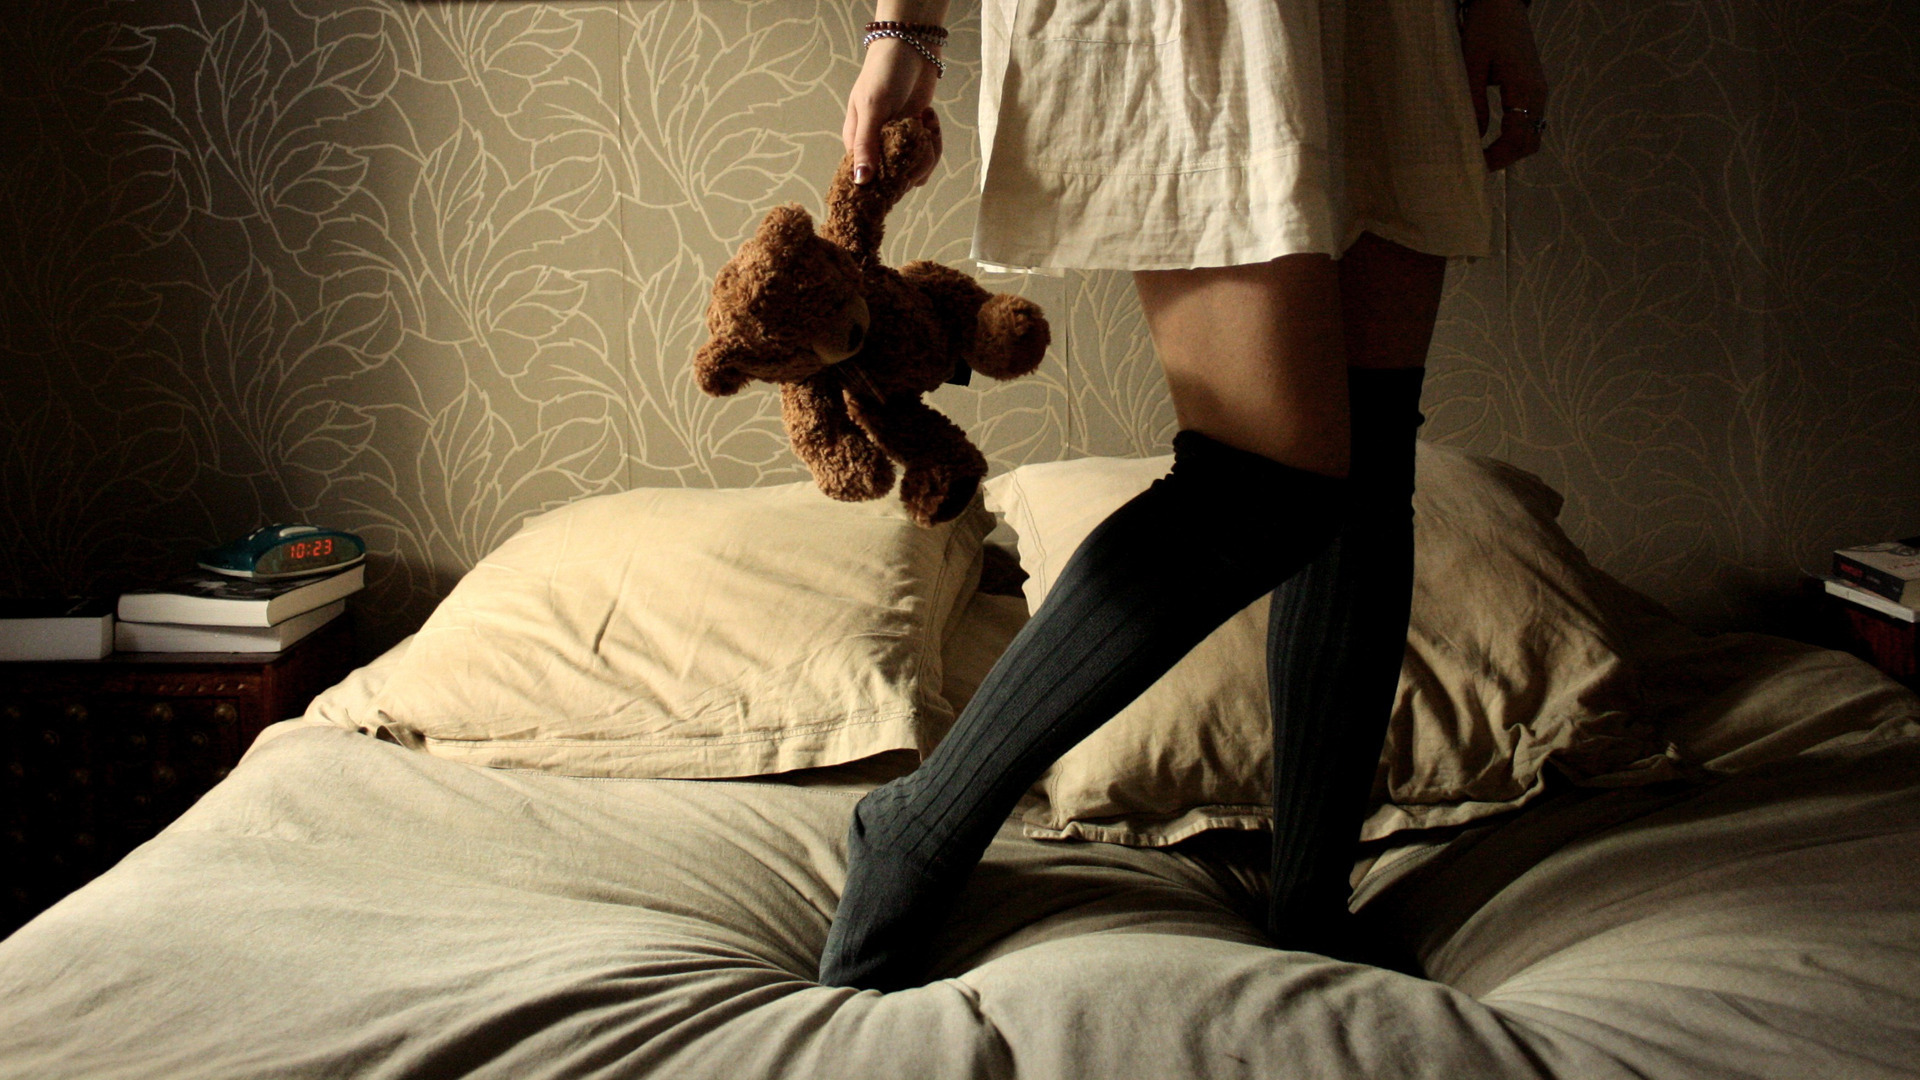 Шальная брюнетка валяется на кроватке в одиночестве без одежды  585508